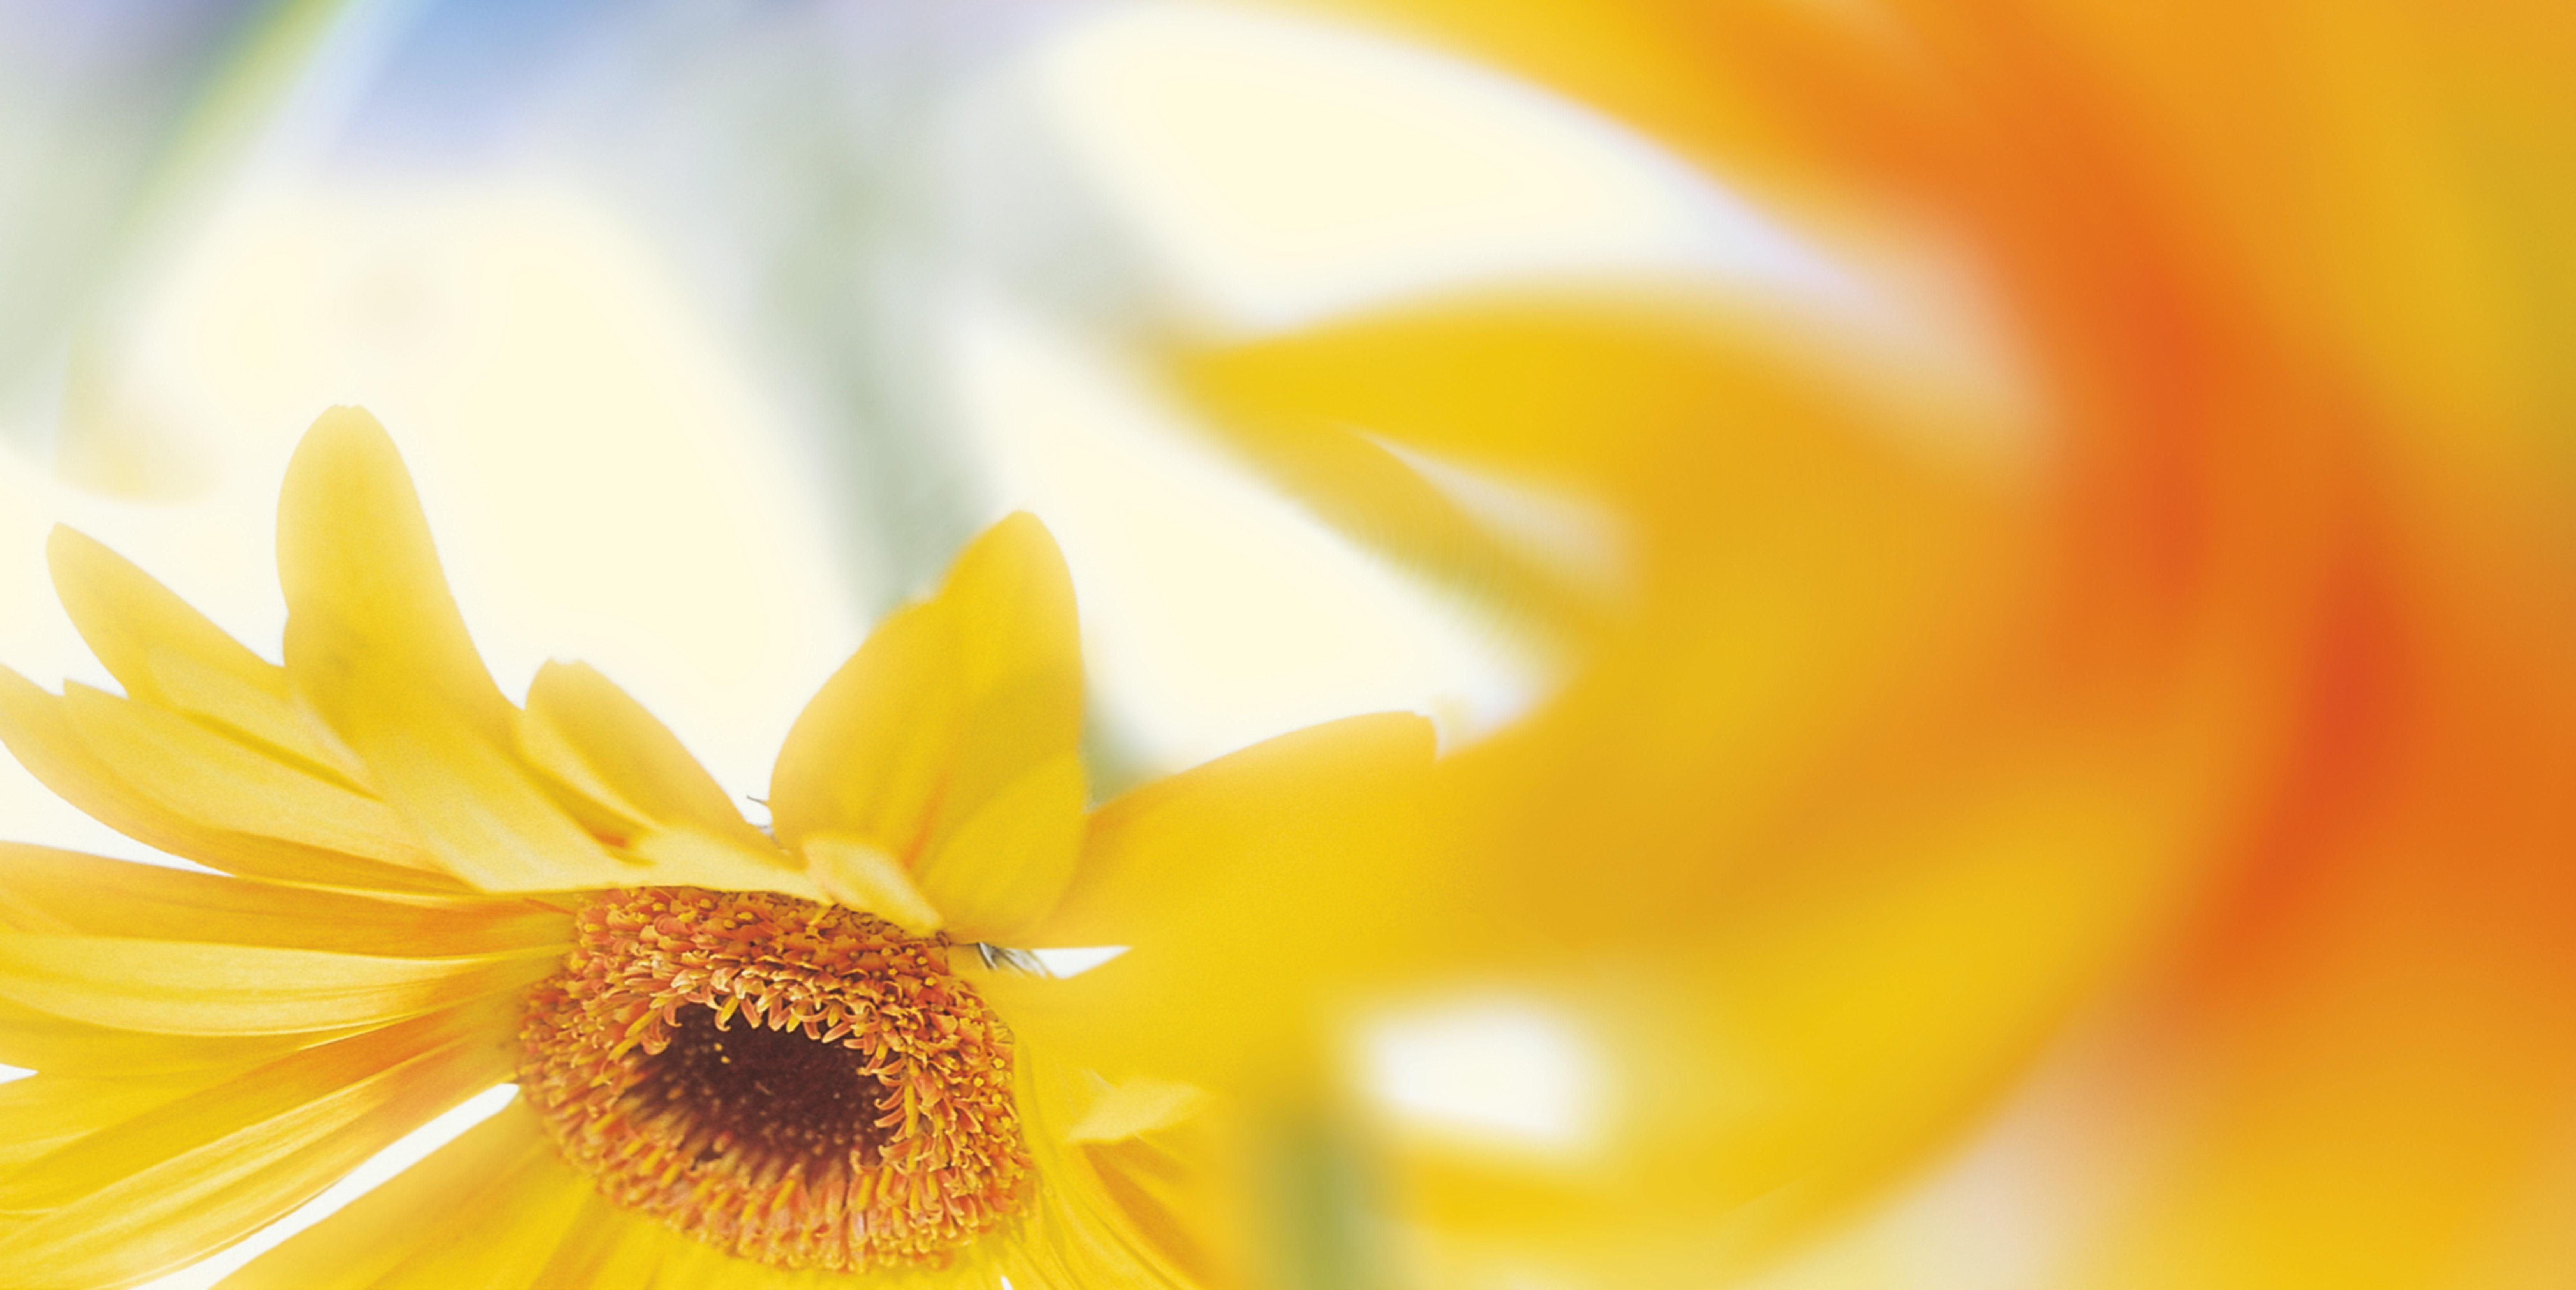 Hintergrundbilder und vorlagen zum thema natur